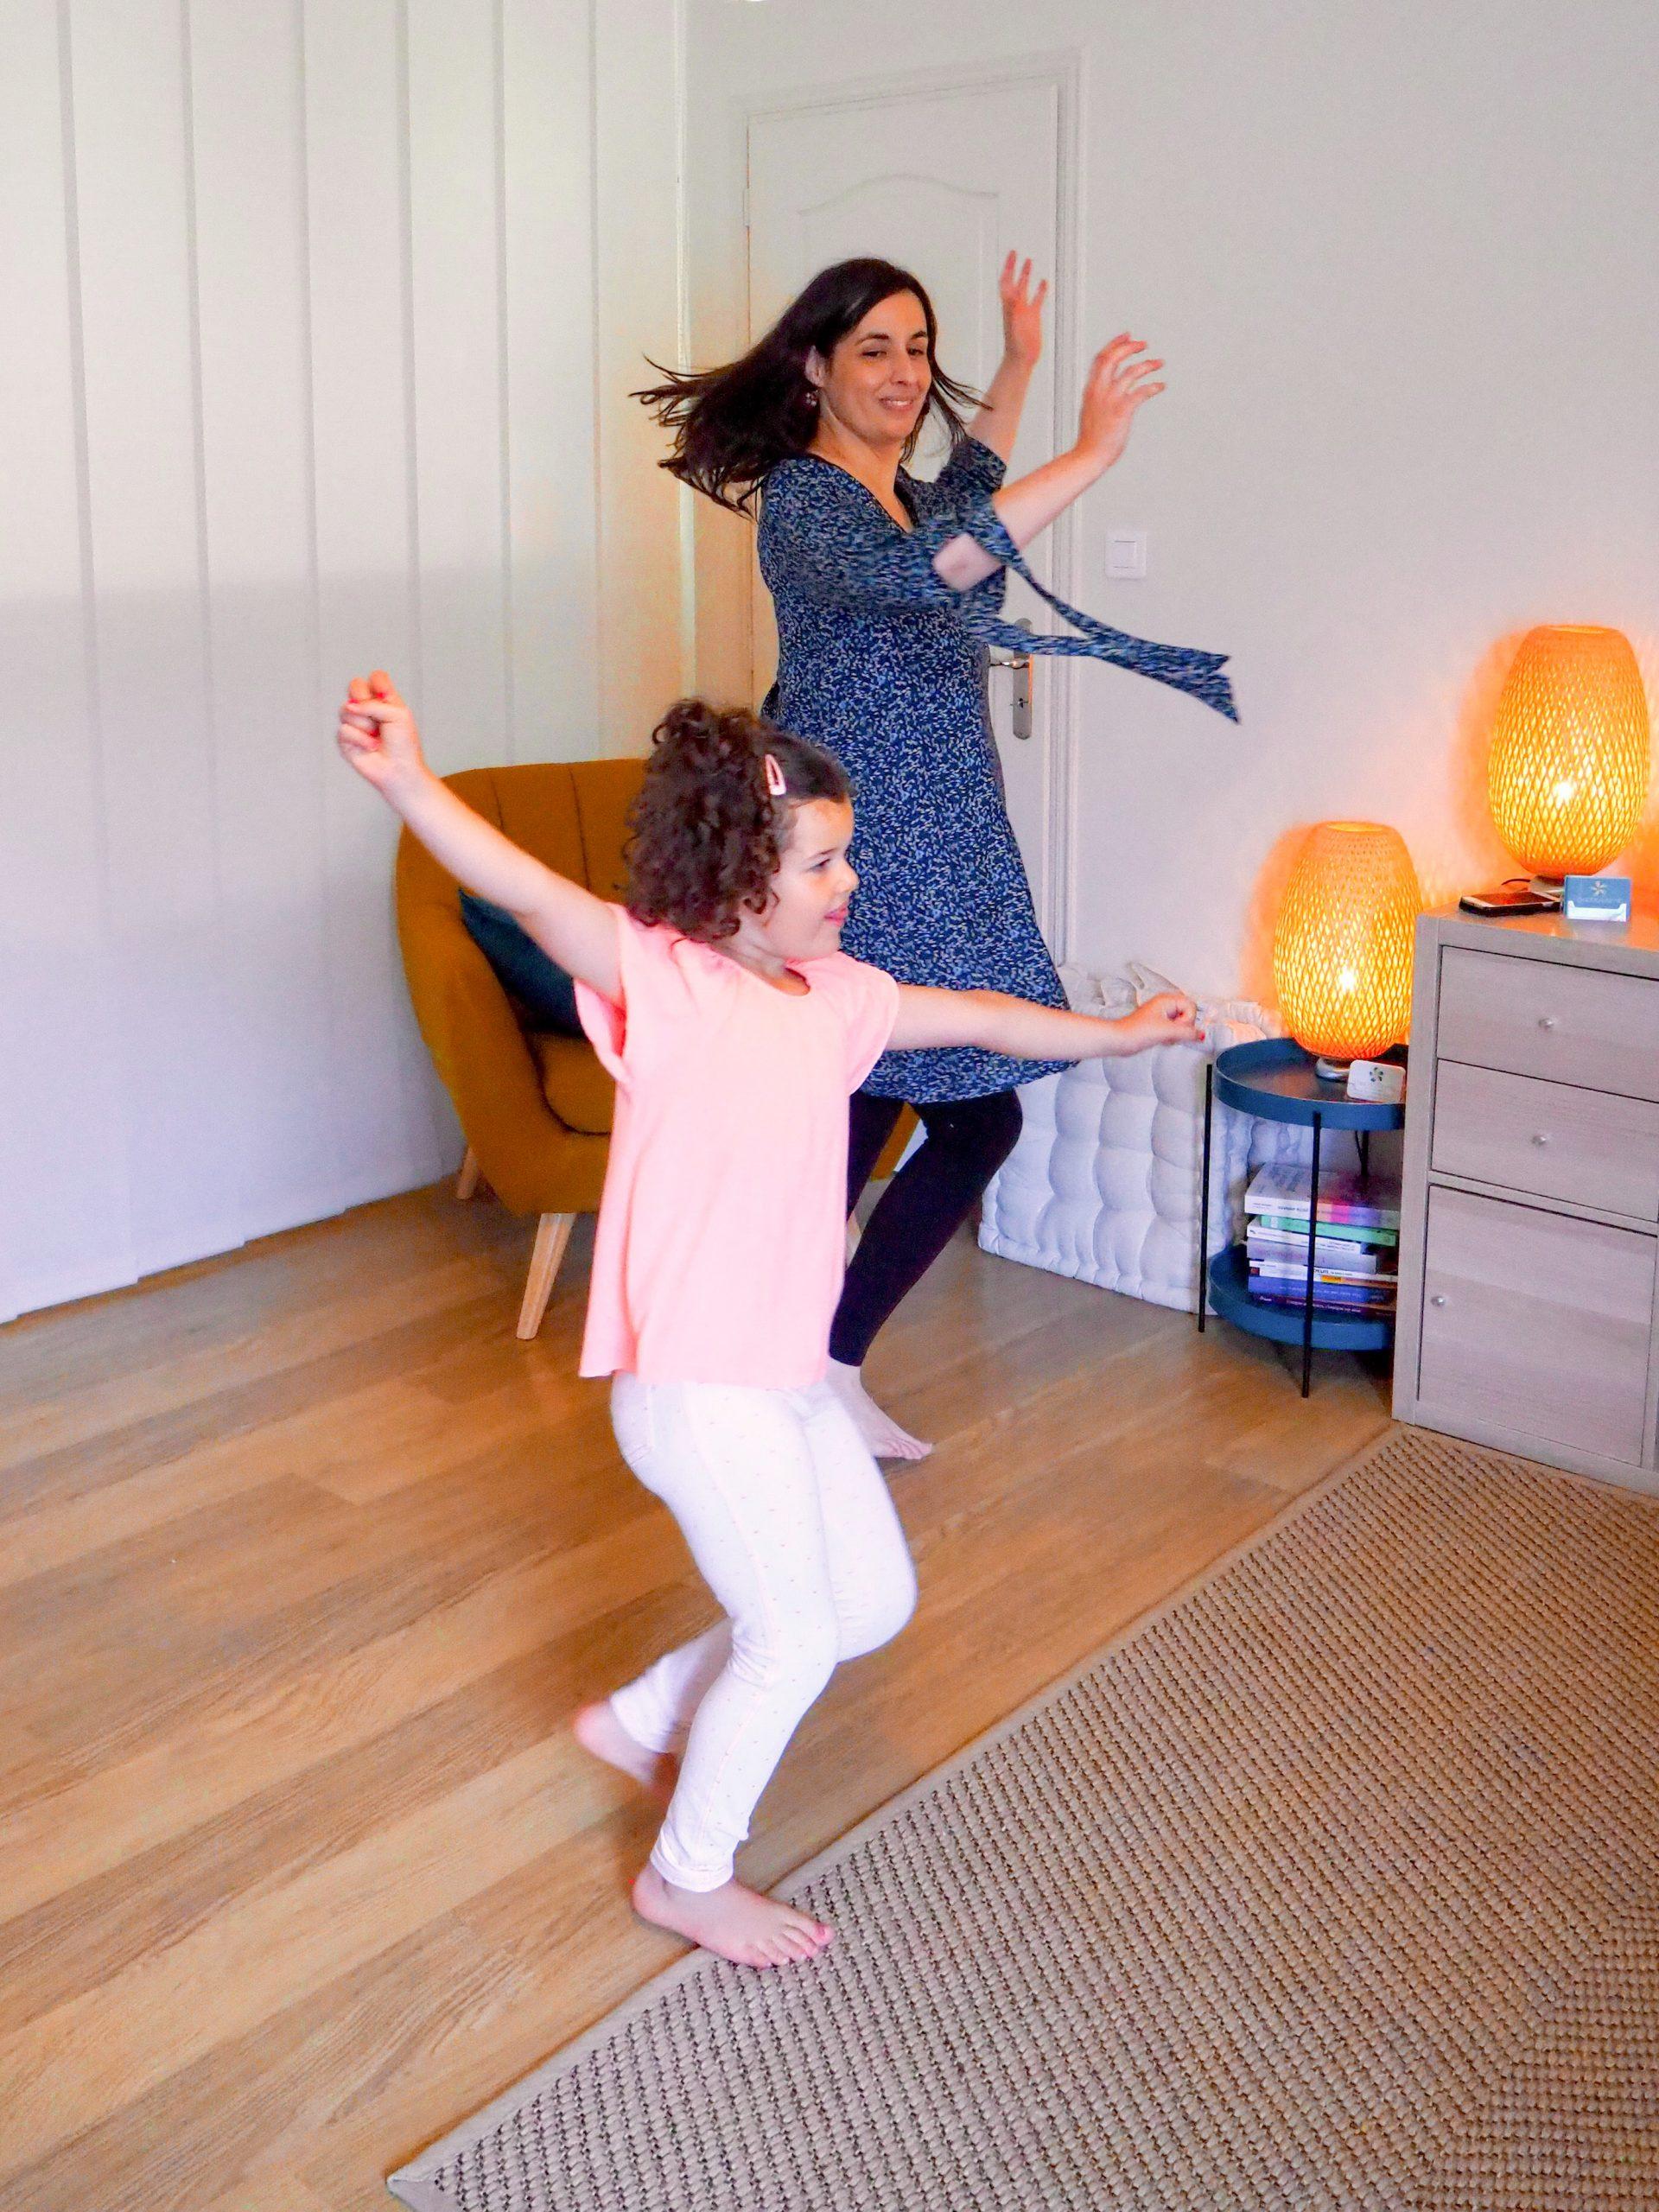 Danse thérapeutique